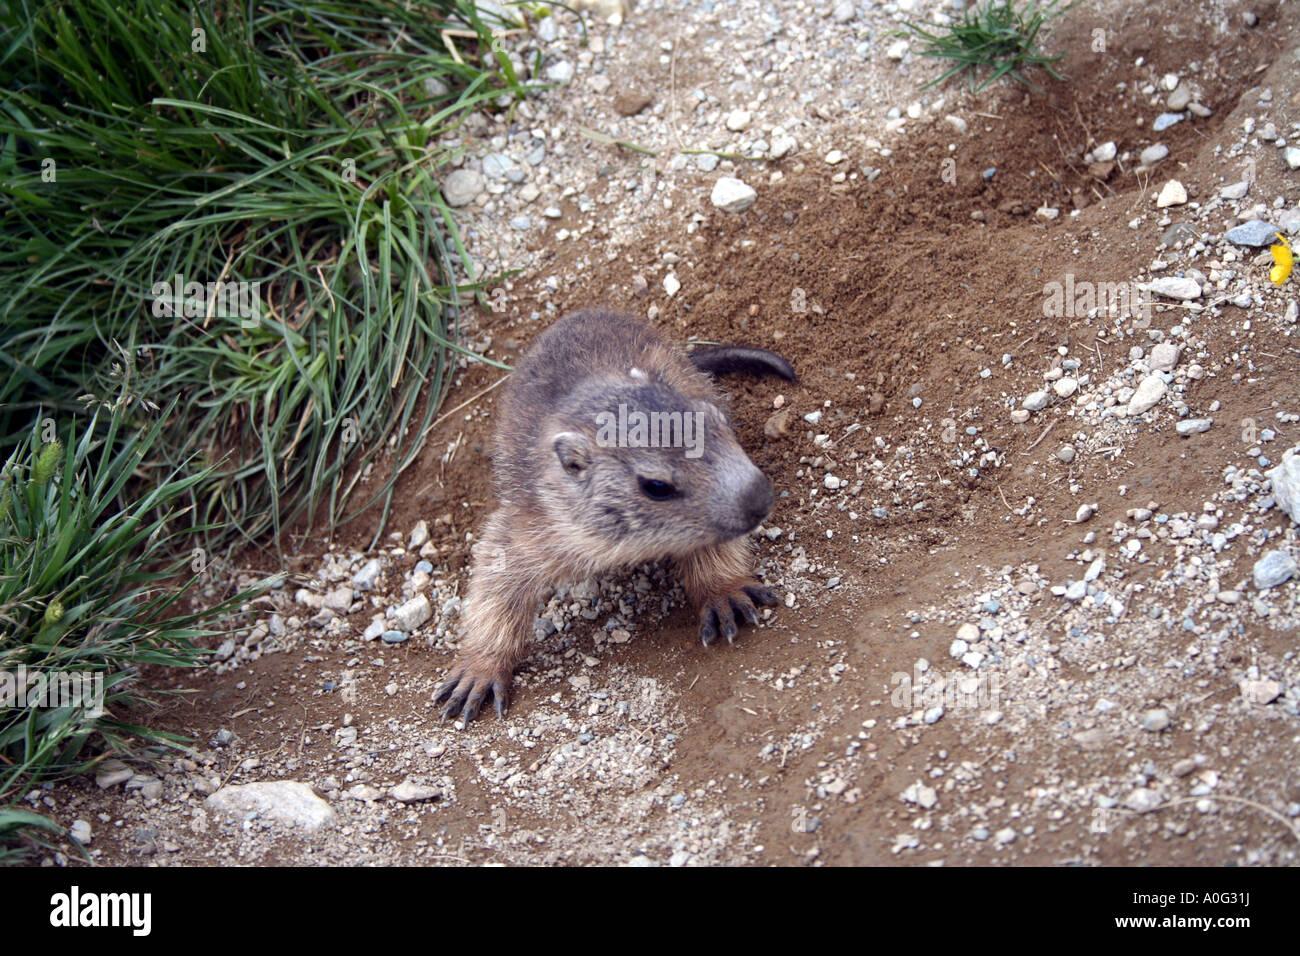 Fearless baby marmot near his burrow, Gran Paradiso National Park, Italian Alps - Stock Image